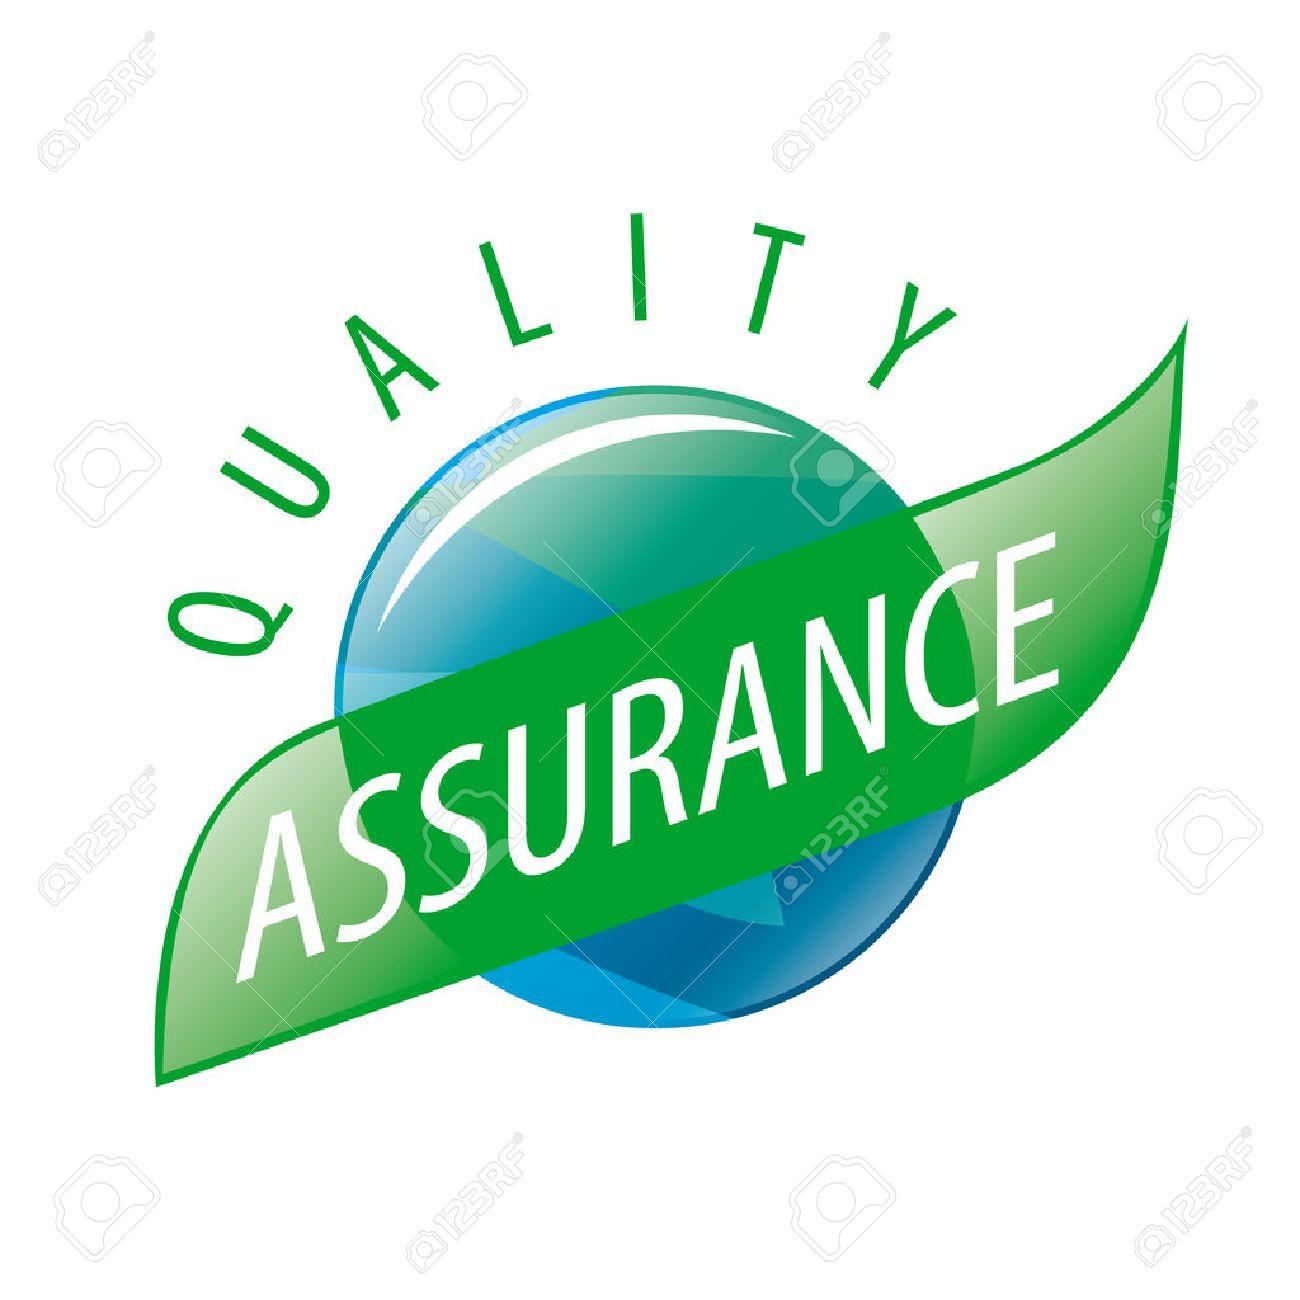 Round Vector Logo Quality Assurance Cliparts, Vector, Và Stock Hình ảnh  Minh Họa Miễn Phí Bản Quyền. Image 40902334.